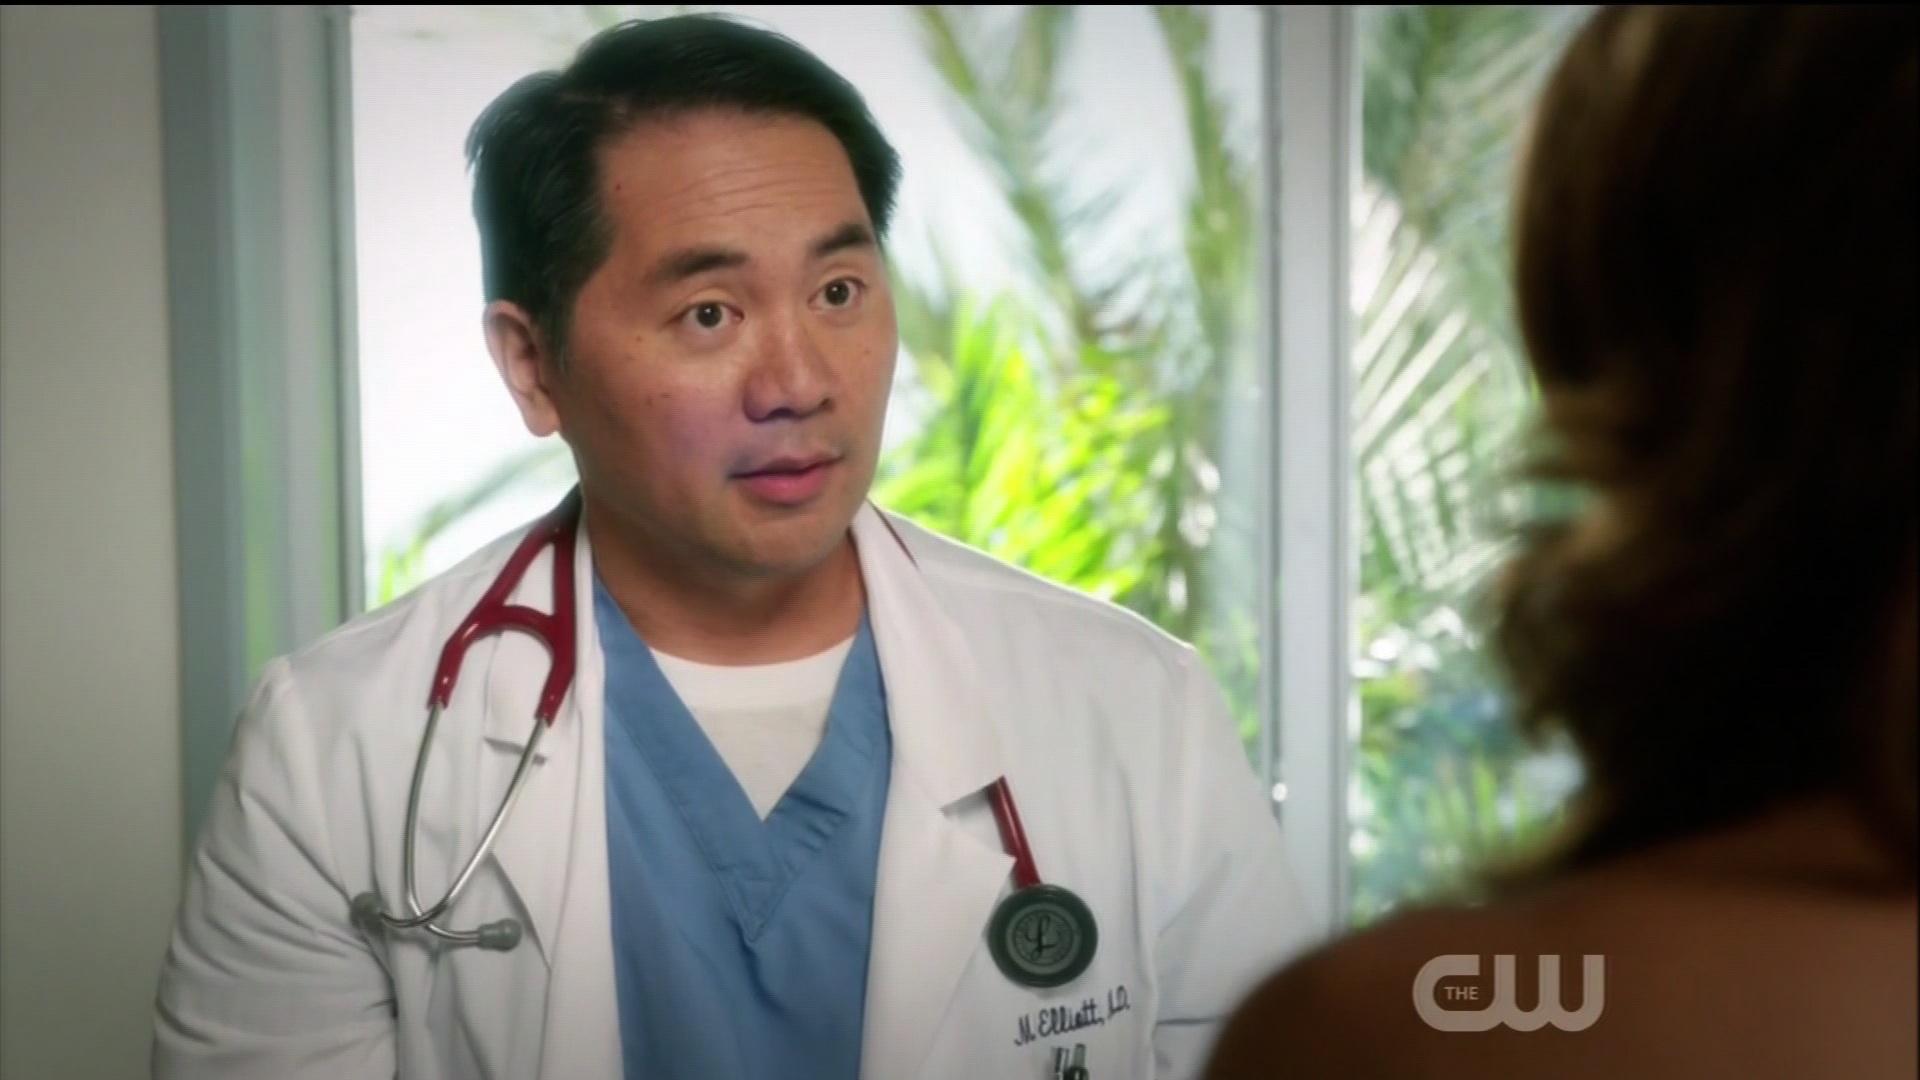 Jane the Virgin | Dr. Elliot, Miami ER